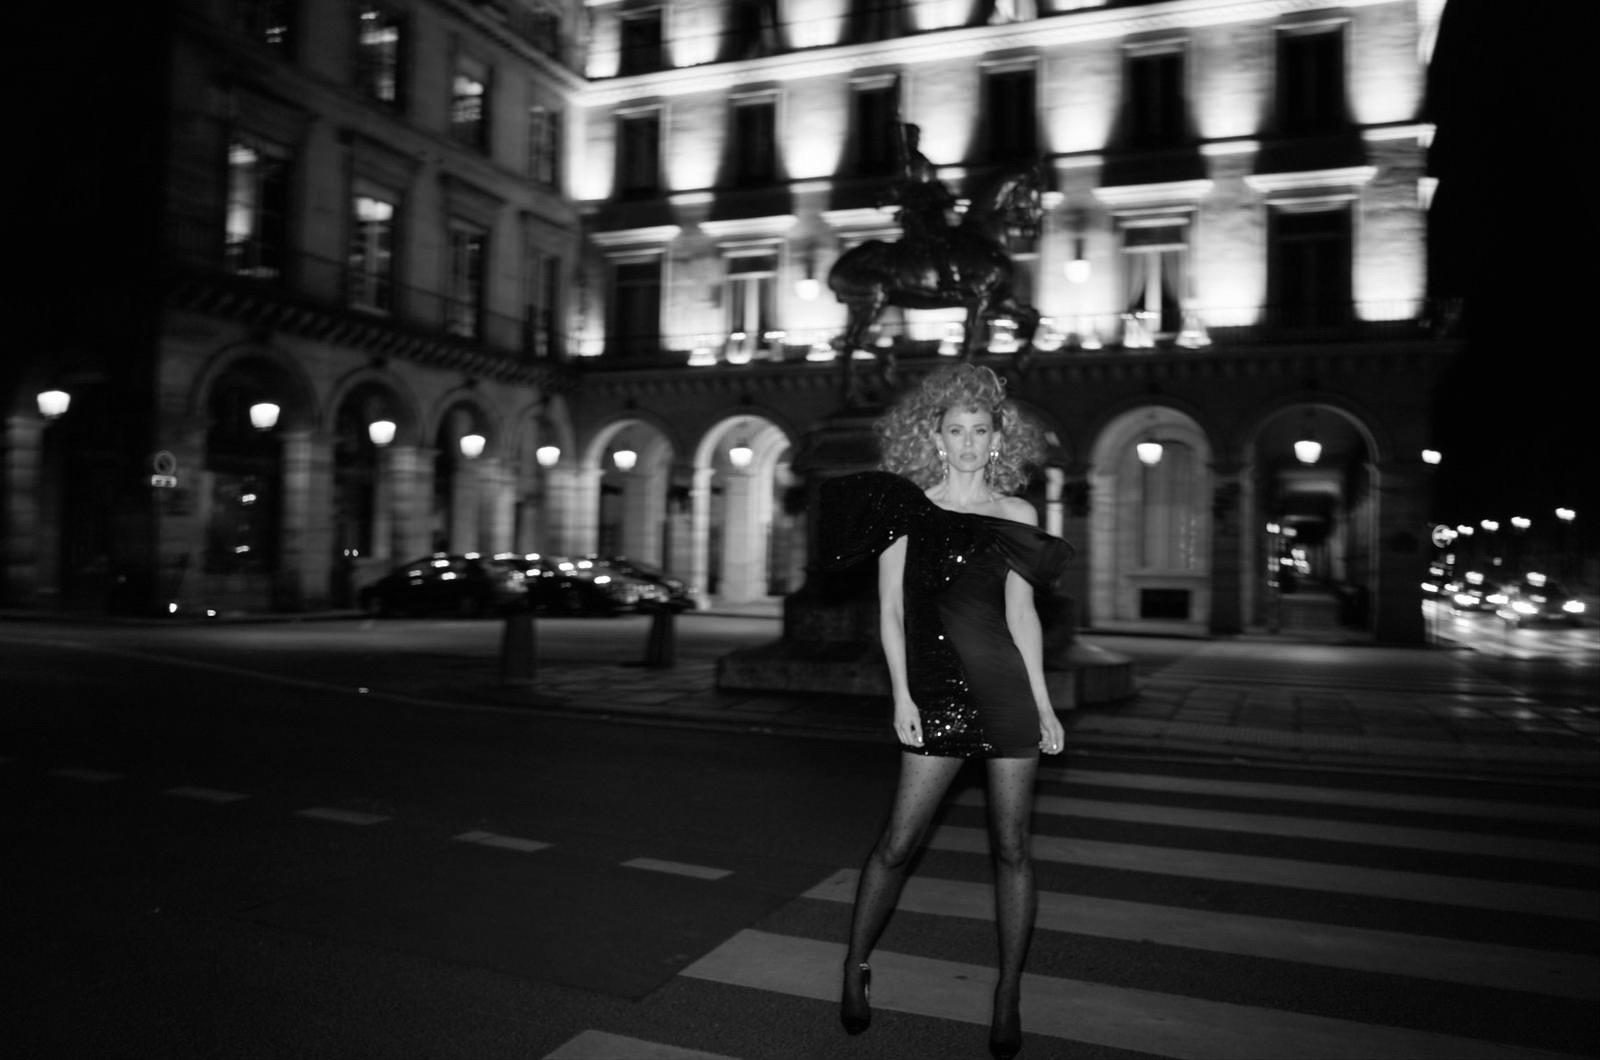 פריז בימים שעושים לנו געגוע בלב. צילום: אלון שפרנסקי